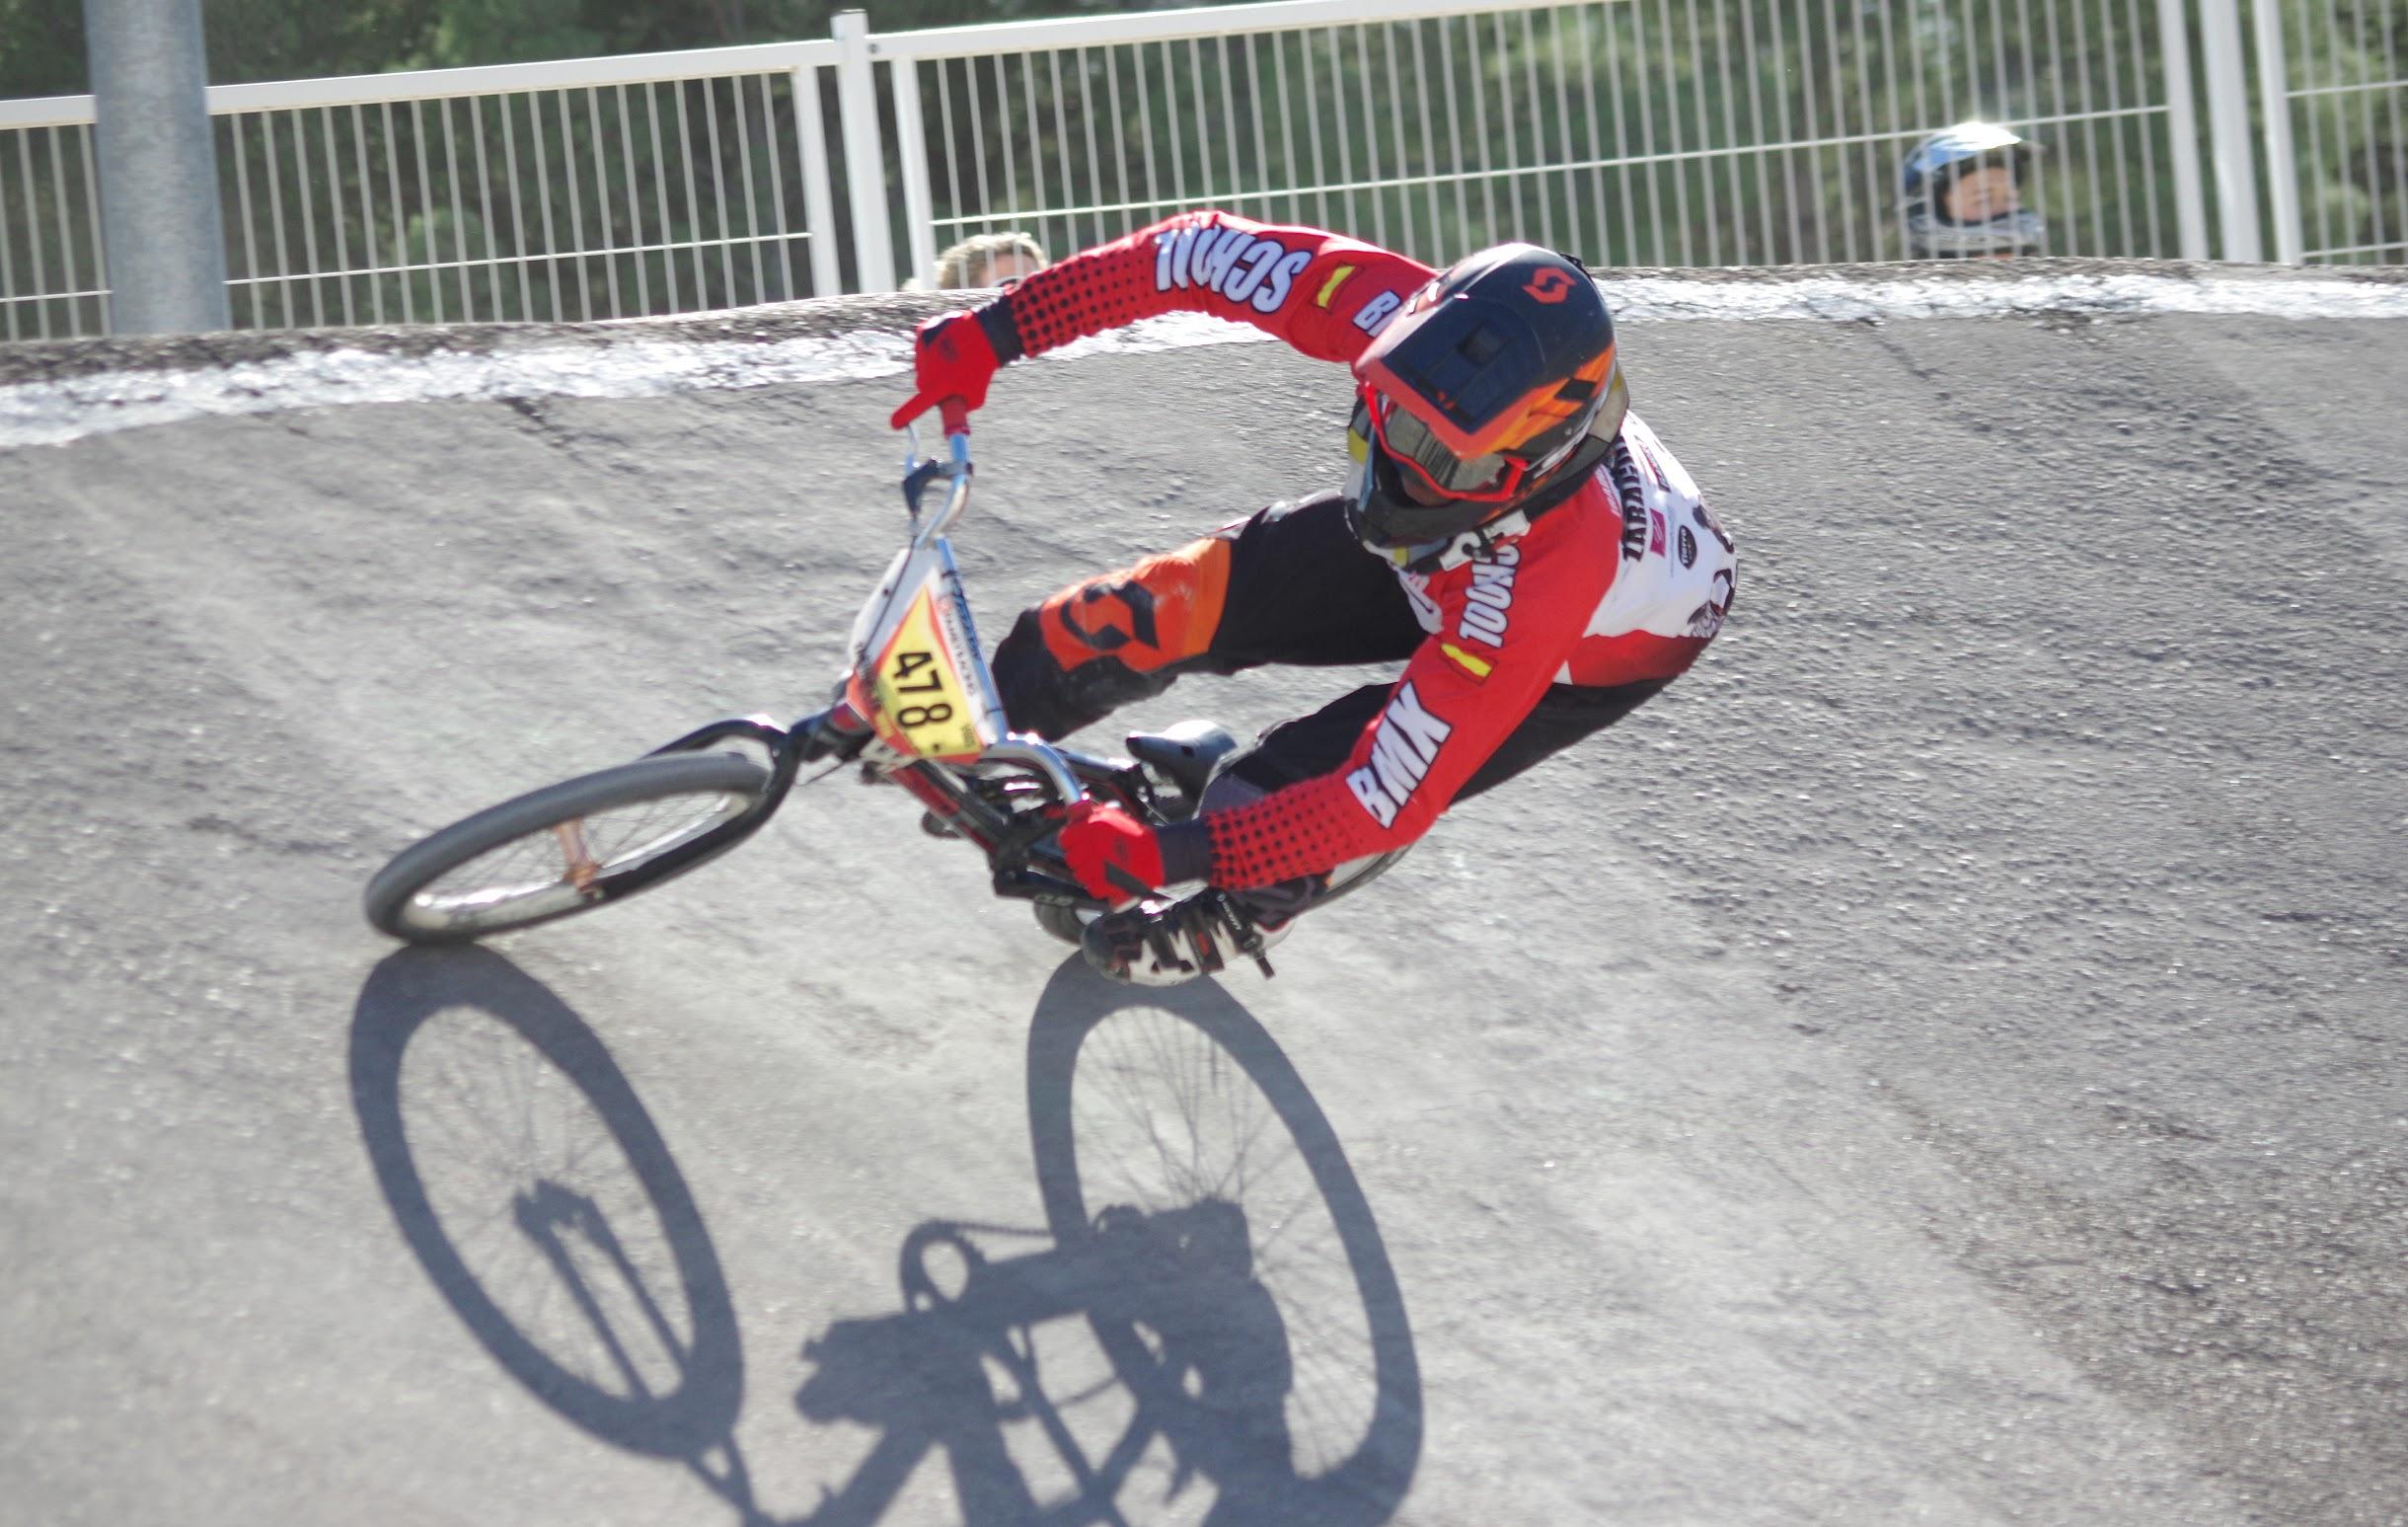 Campeonato de Aragón BMX 2020